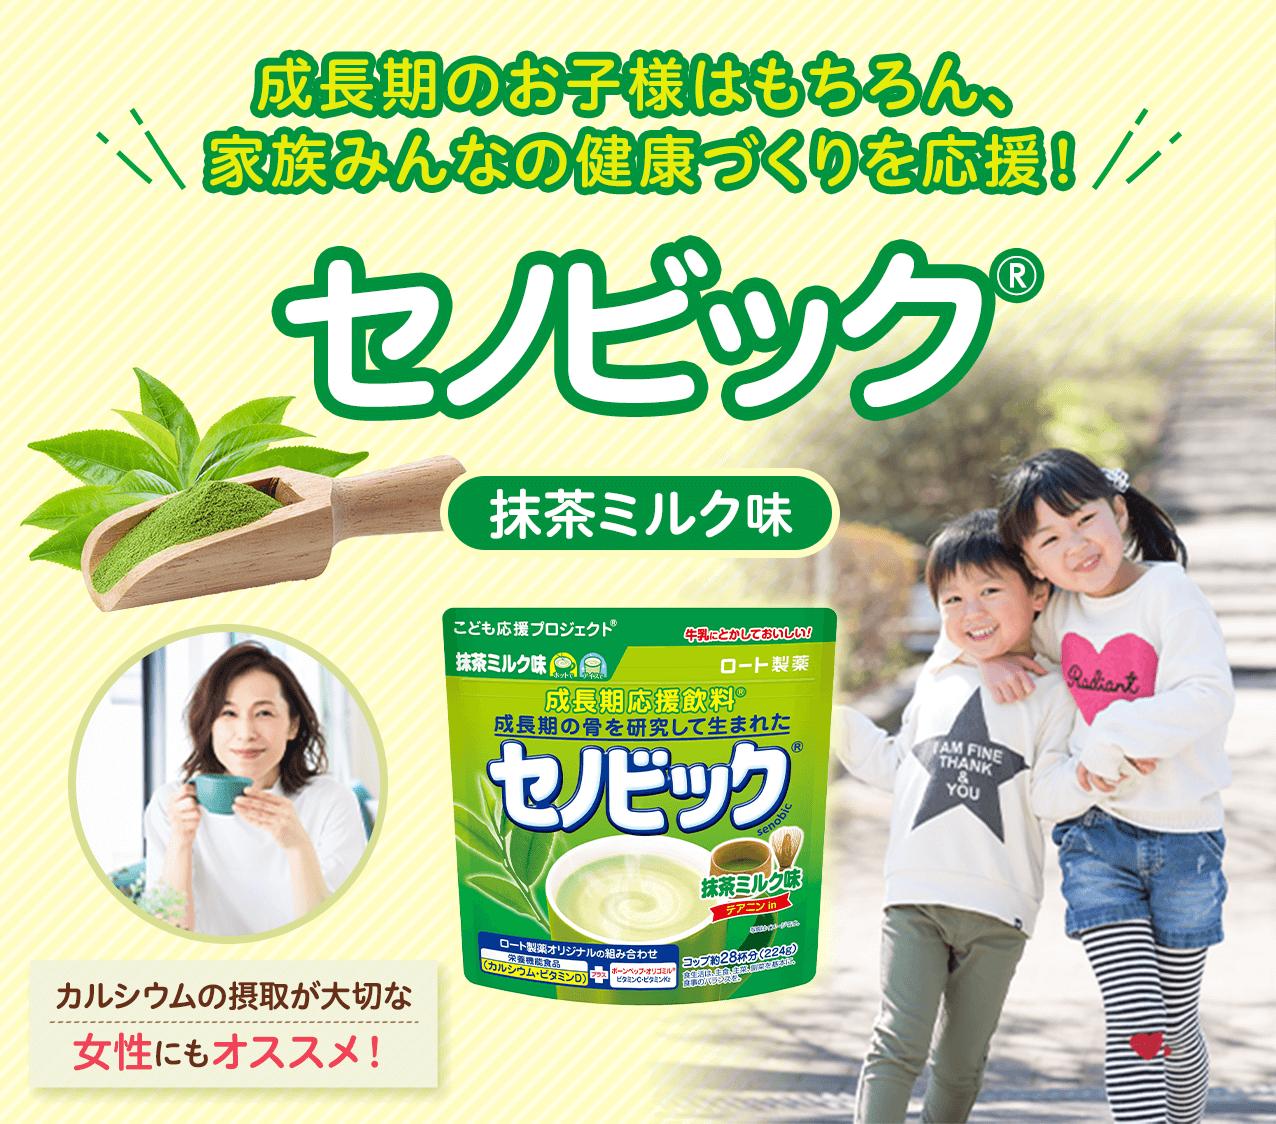 成長期のお子様はもちろん、 家族みんなの健康づくりを応援!セノビック® 抹茶ミルク味